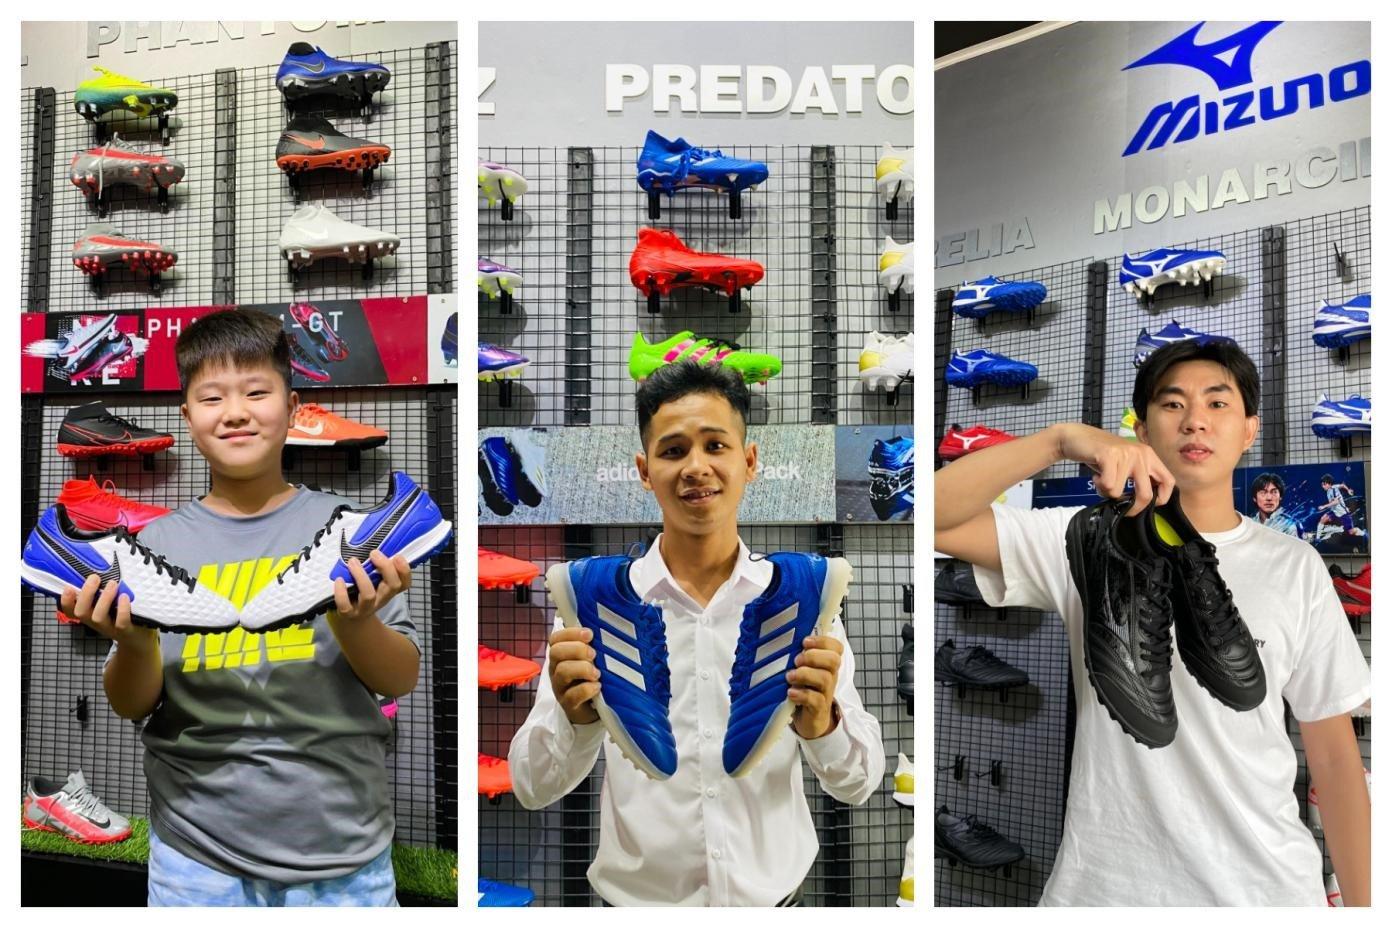 So Sánh 3 Dòng Giày Cỏ Nhân Tạo Dành Cho Chân Bè Nike Tiempo, Adidas Copa Tf Và Mizuno Monarcida